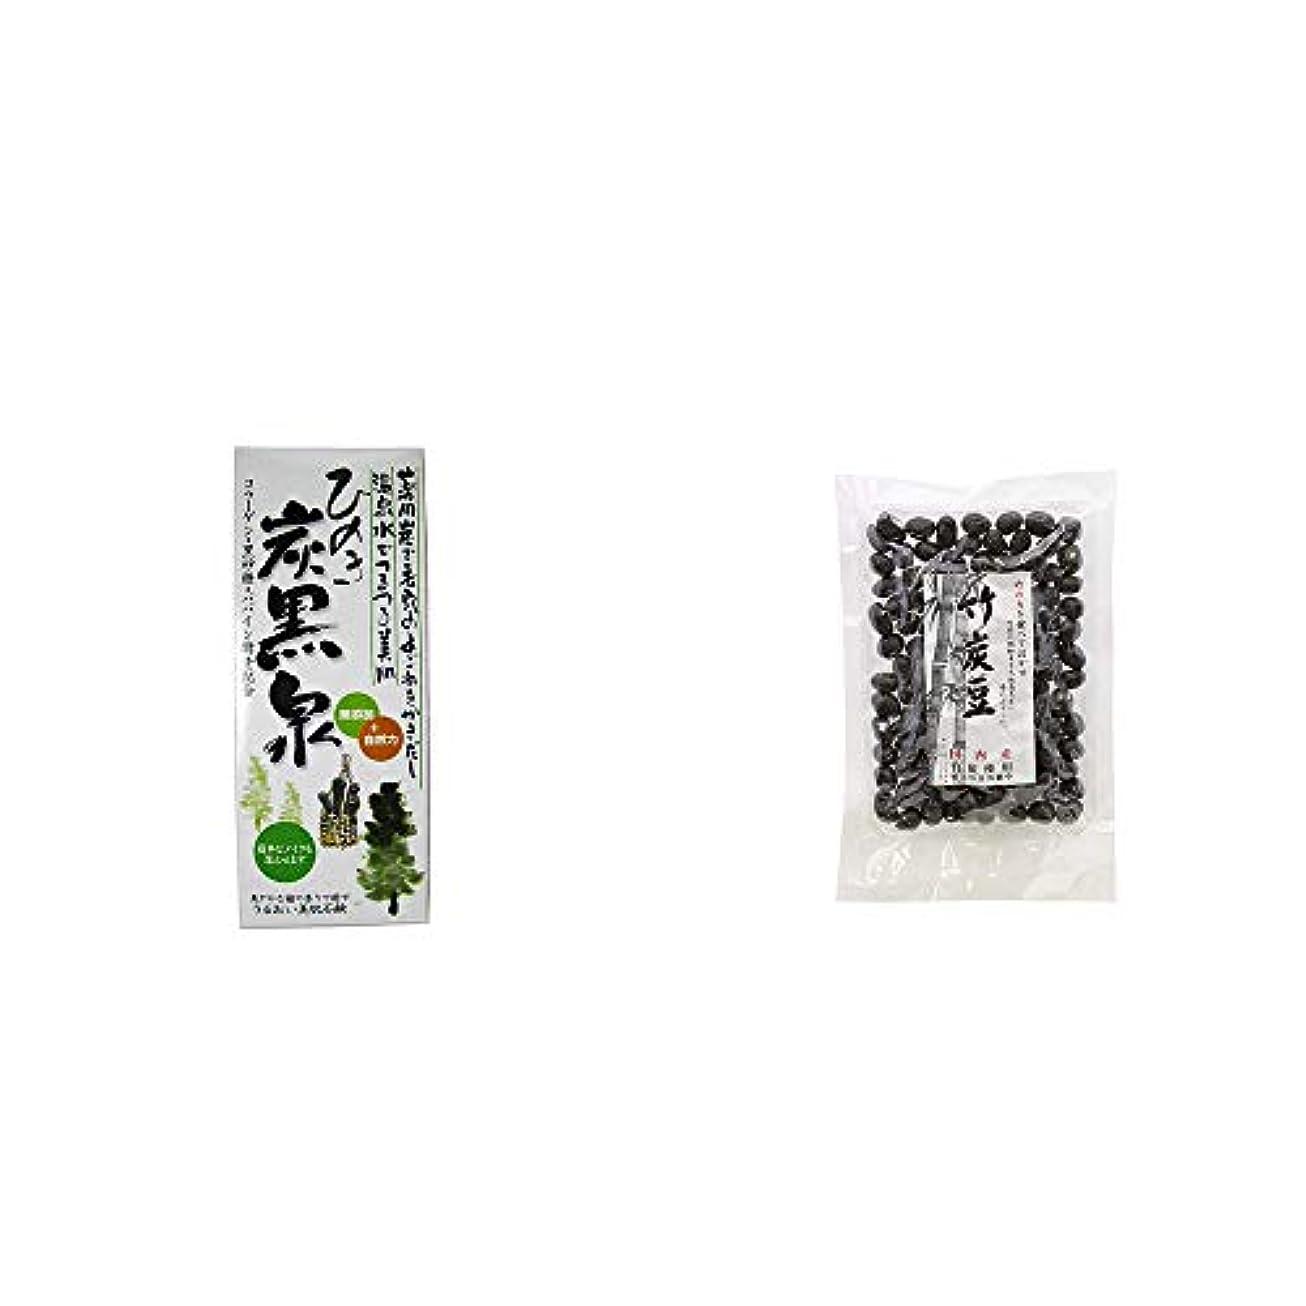 移動義務買い物に行く[2点セット] ひのき炭黒泉 箱入り(75g×3)?国内産 竹炭使用 竹炭豆(160g)